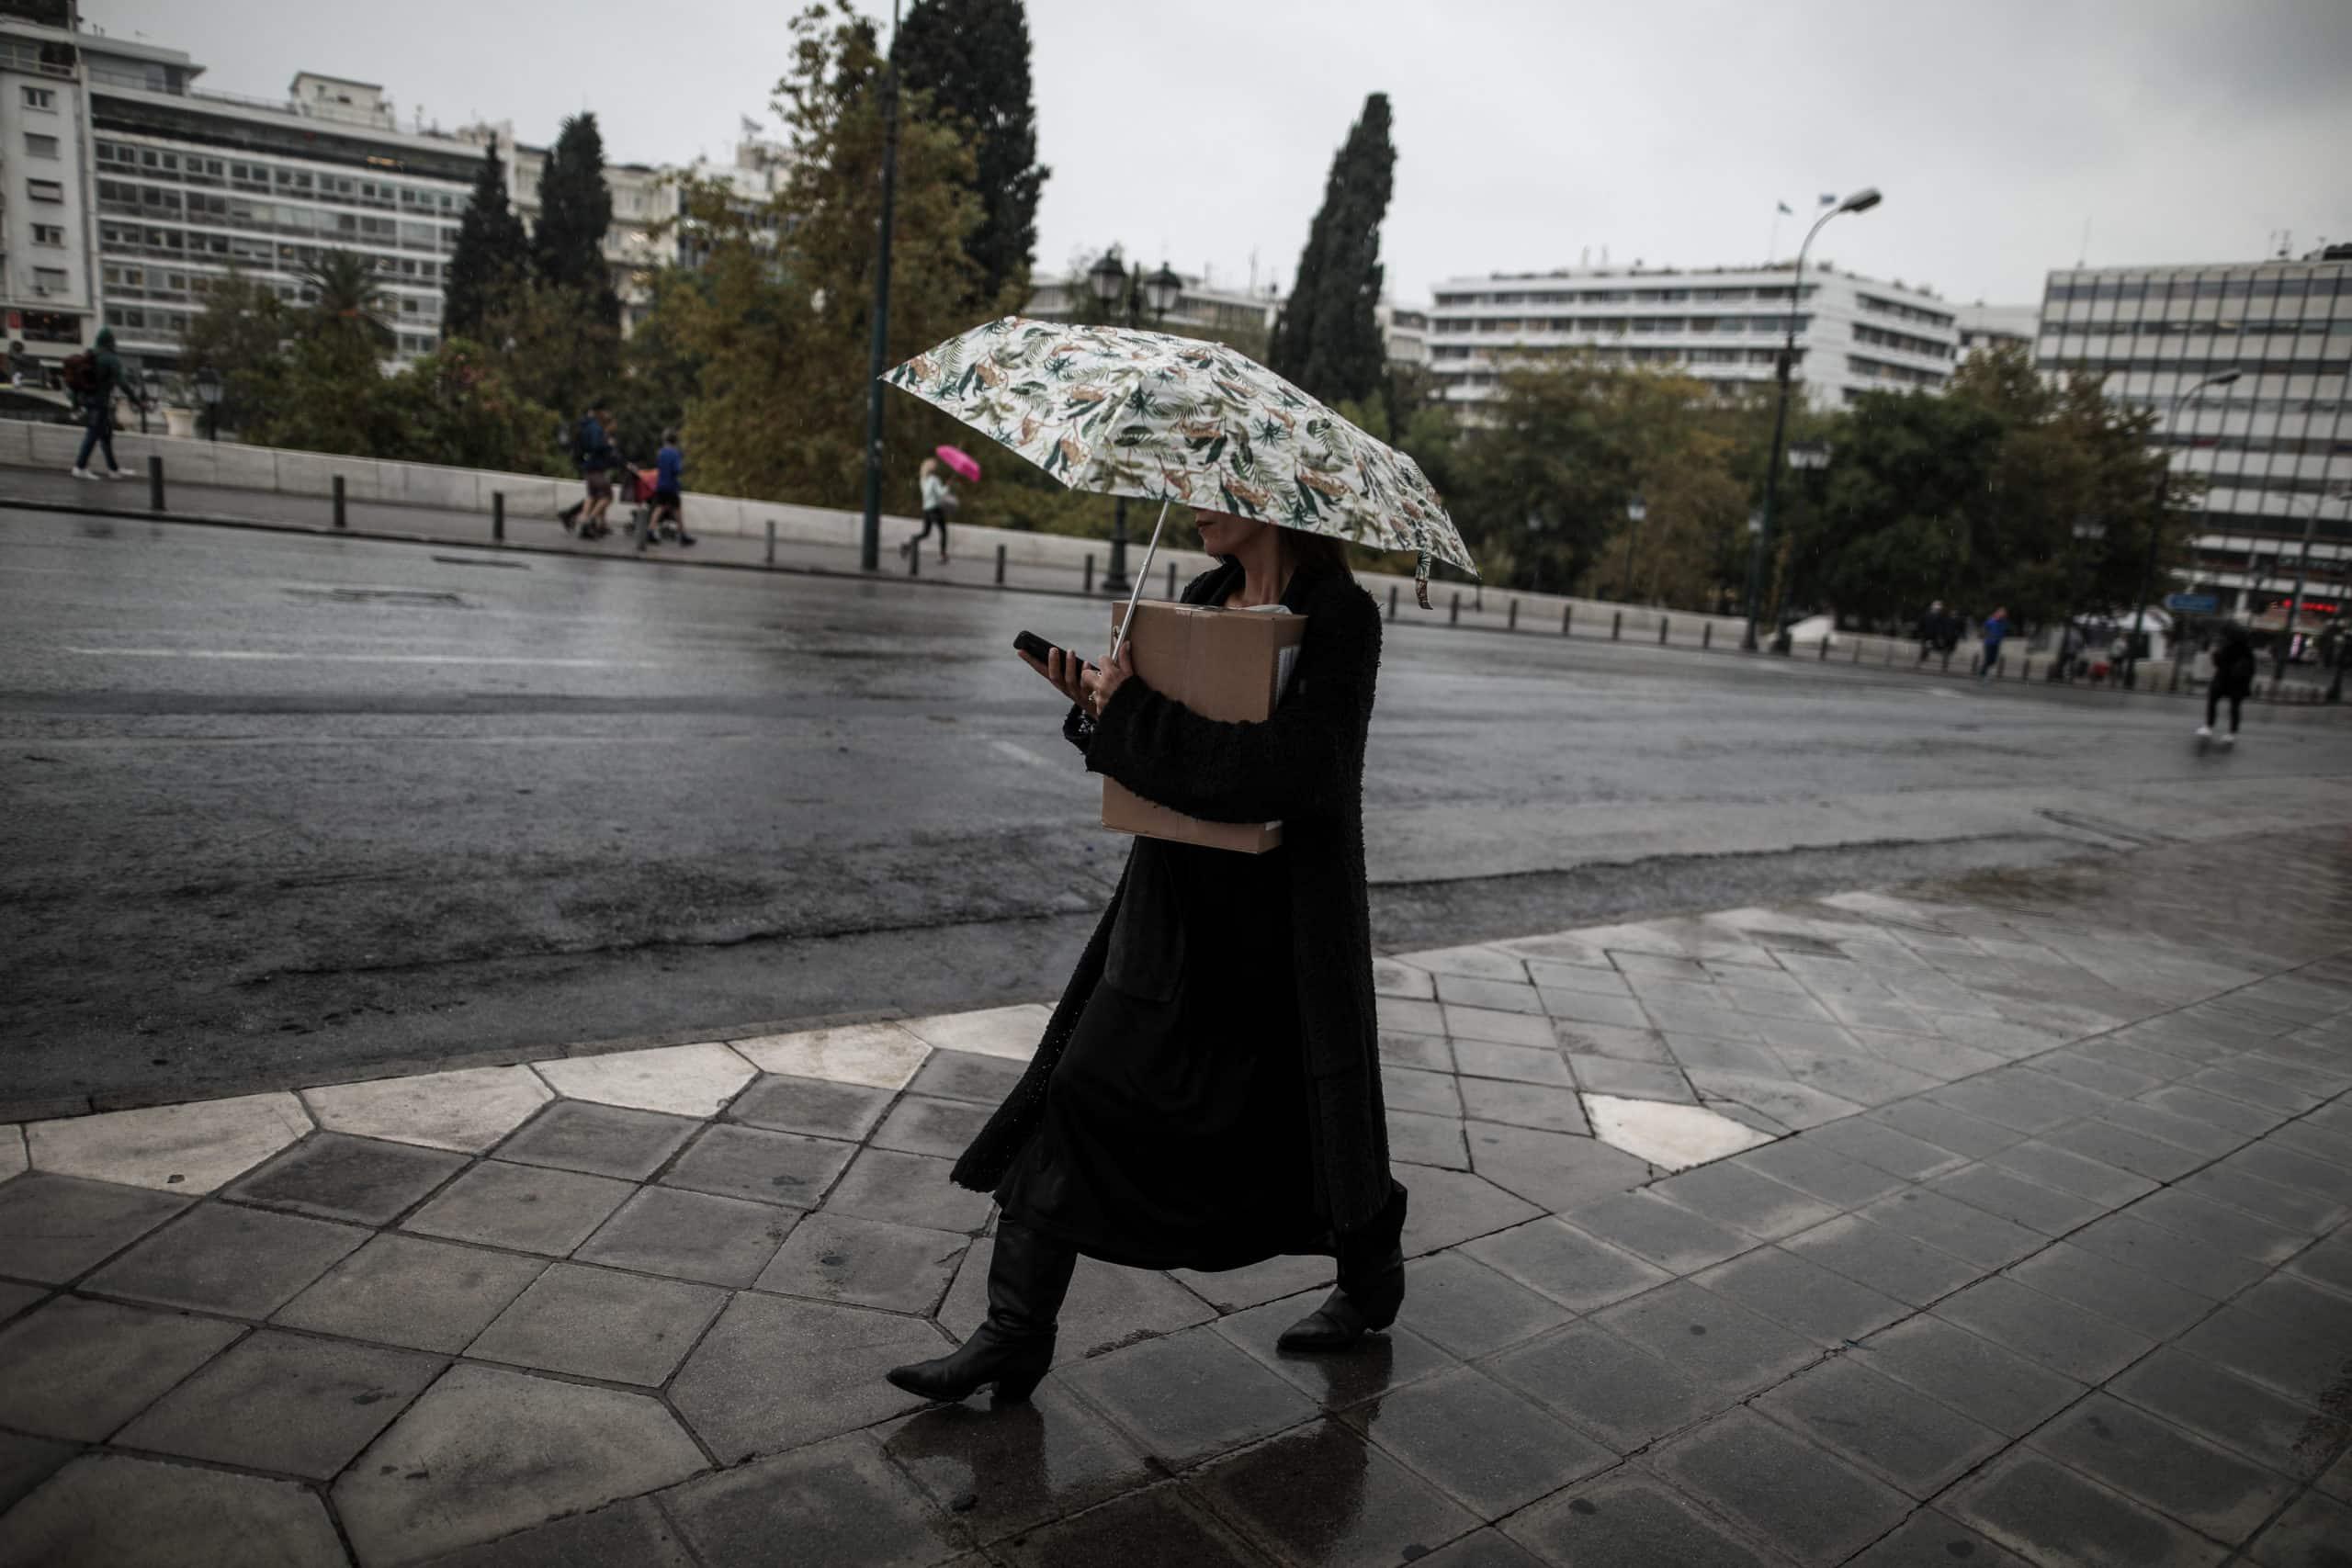 Καλλιάνος: Έρχεται κακοκαιρία χιόνια και βροχές - Πού θα χτυπήσει